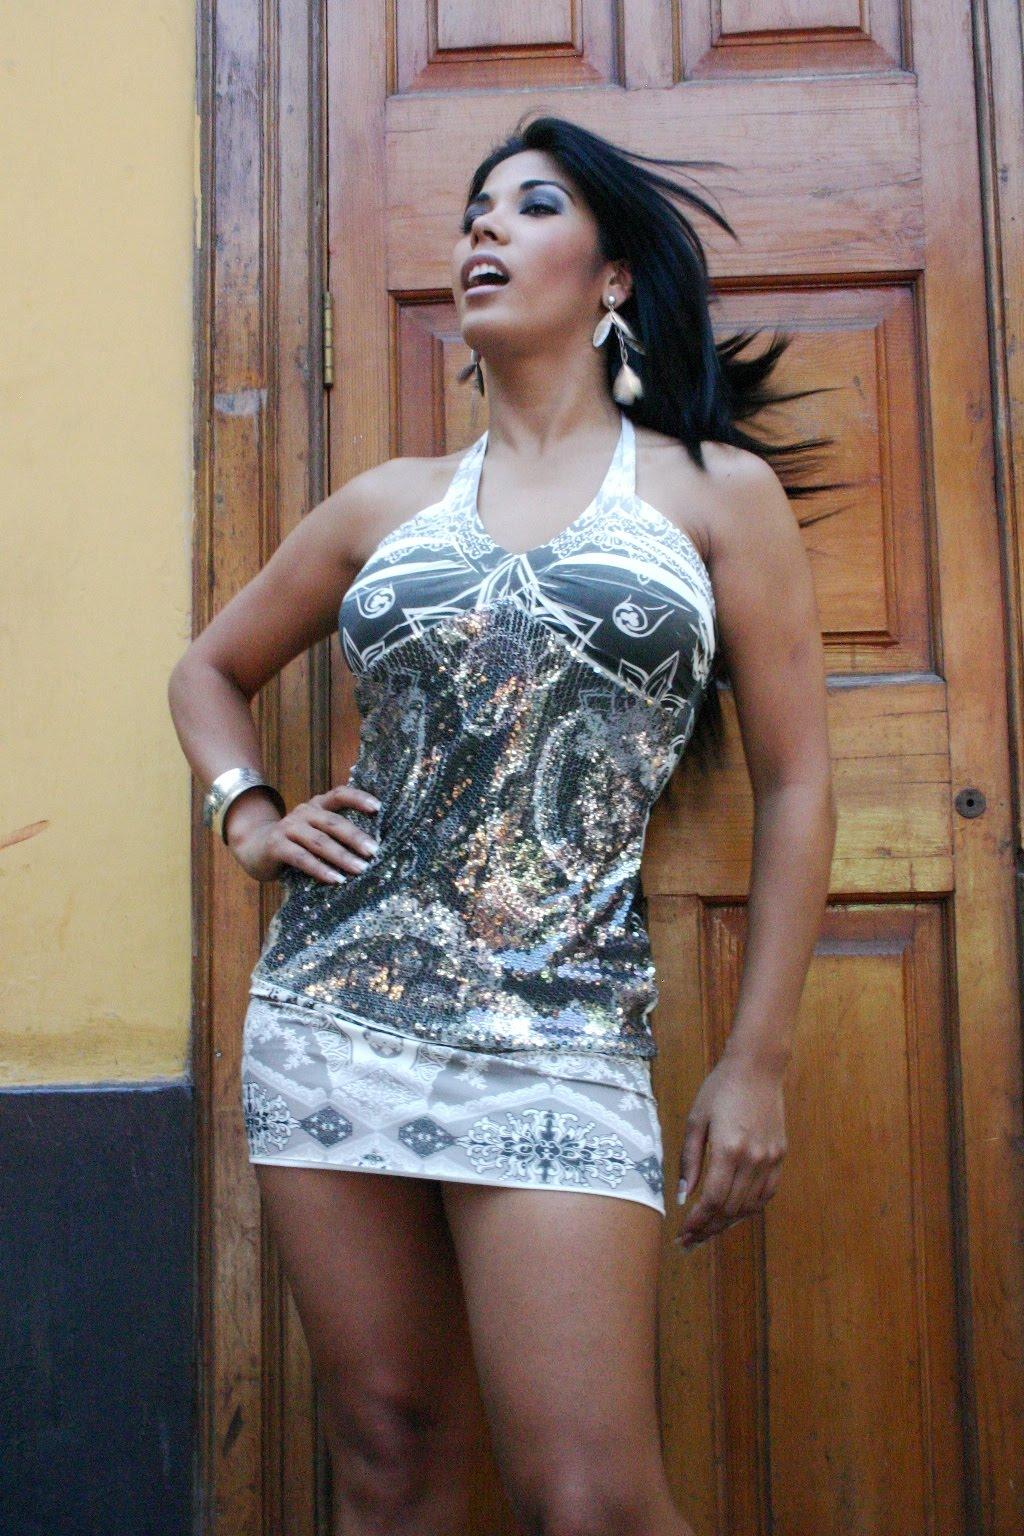 Mujeres Peruanas: Según Google imágenes...